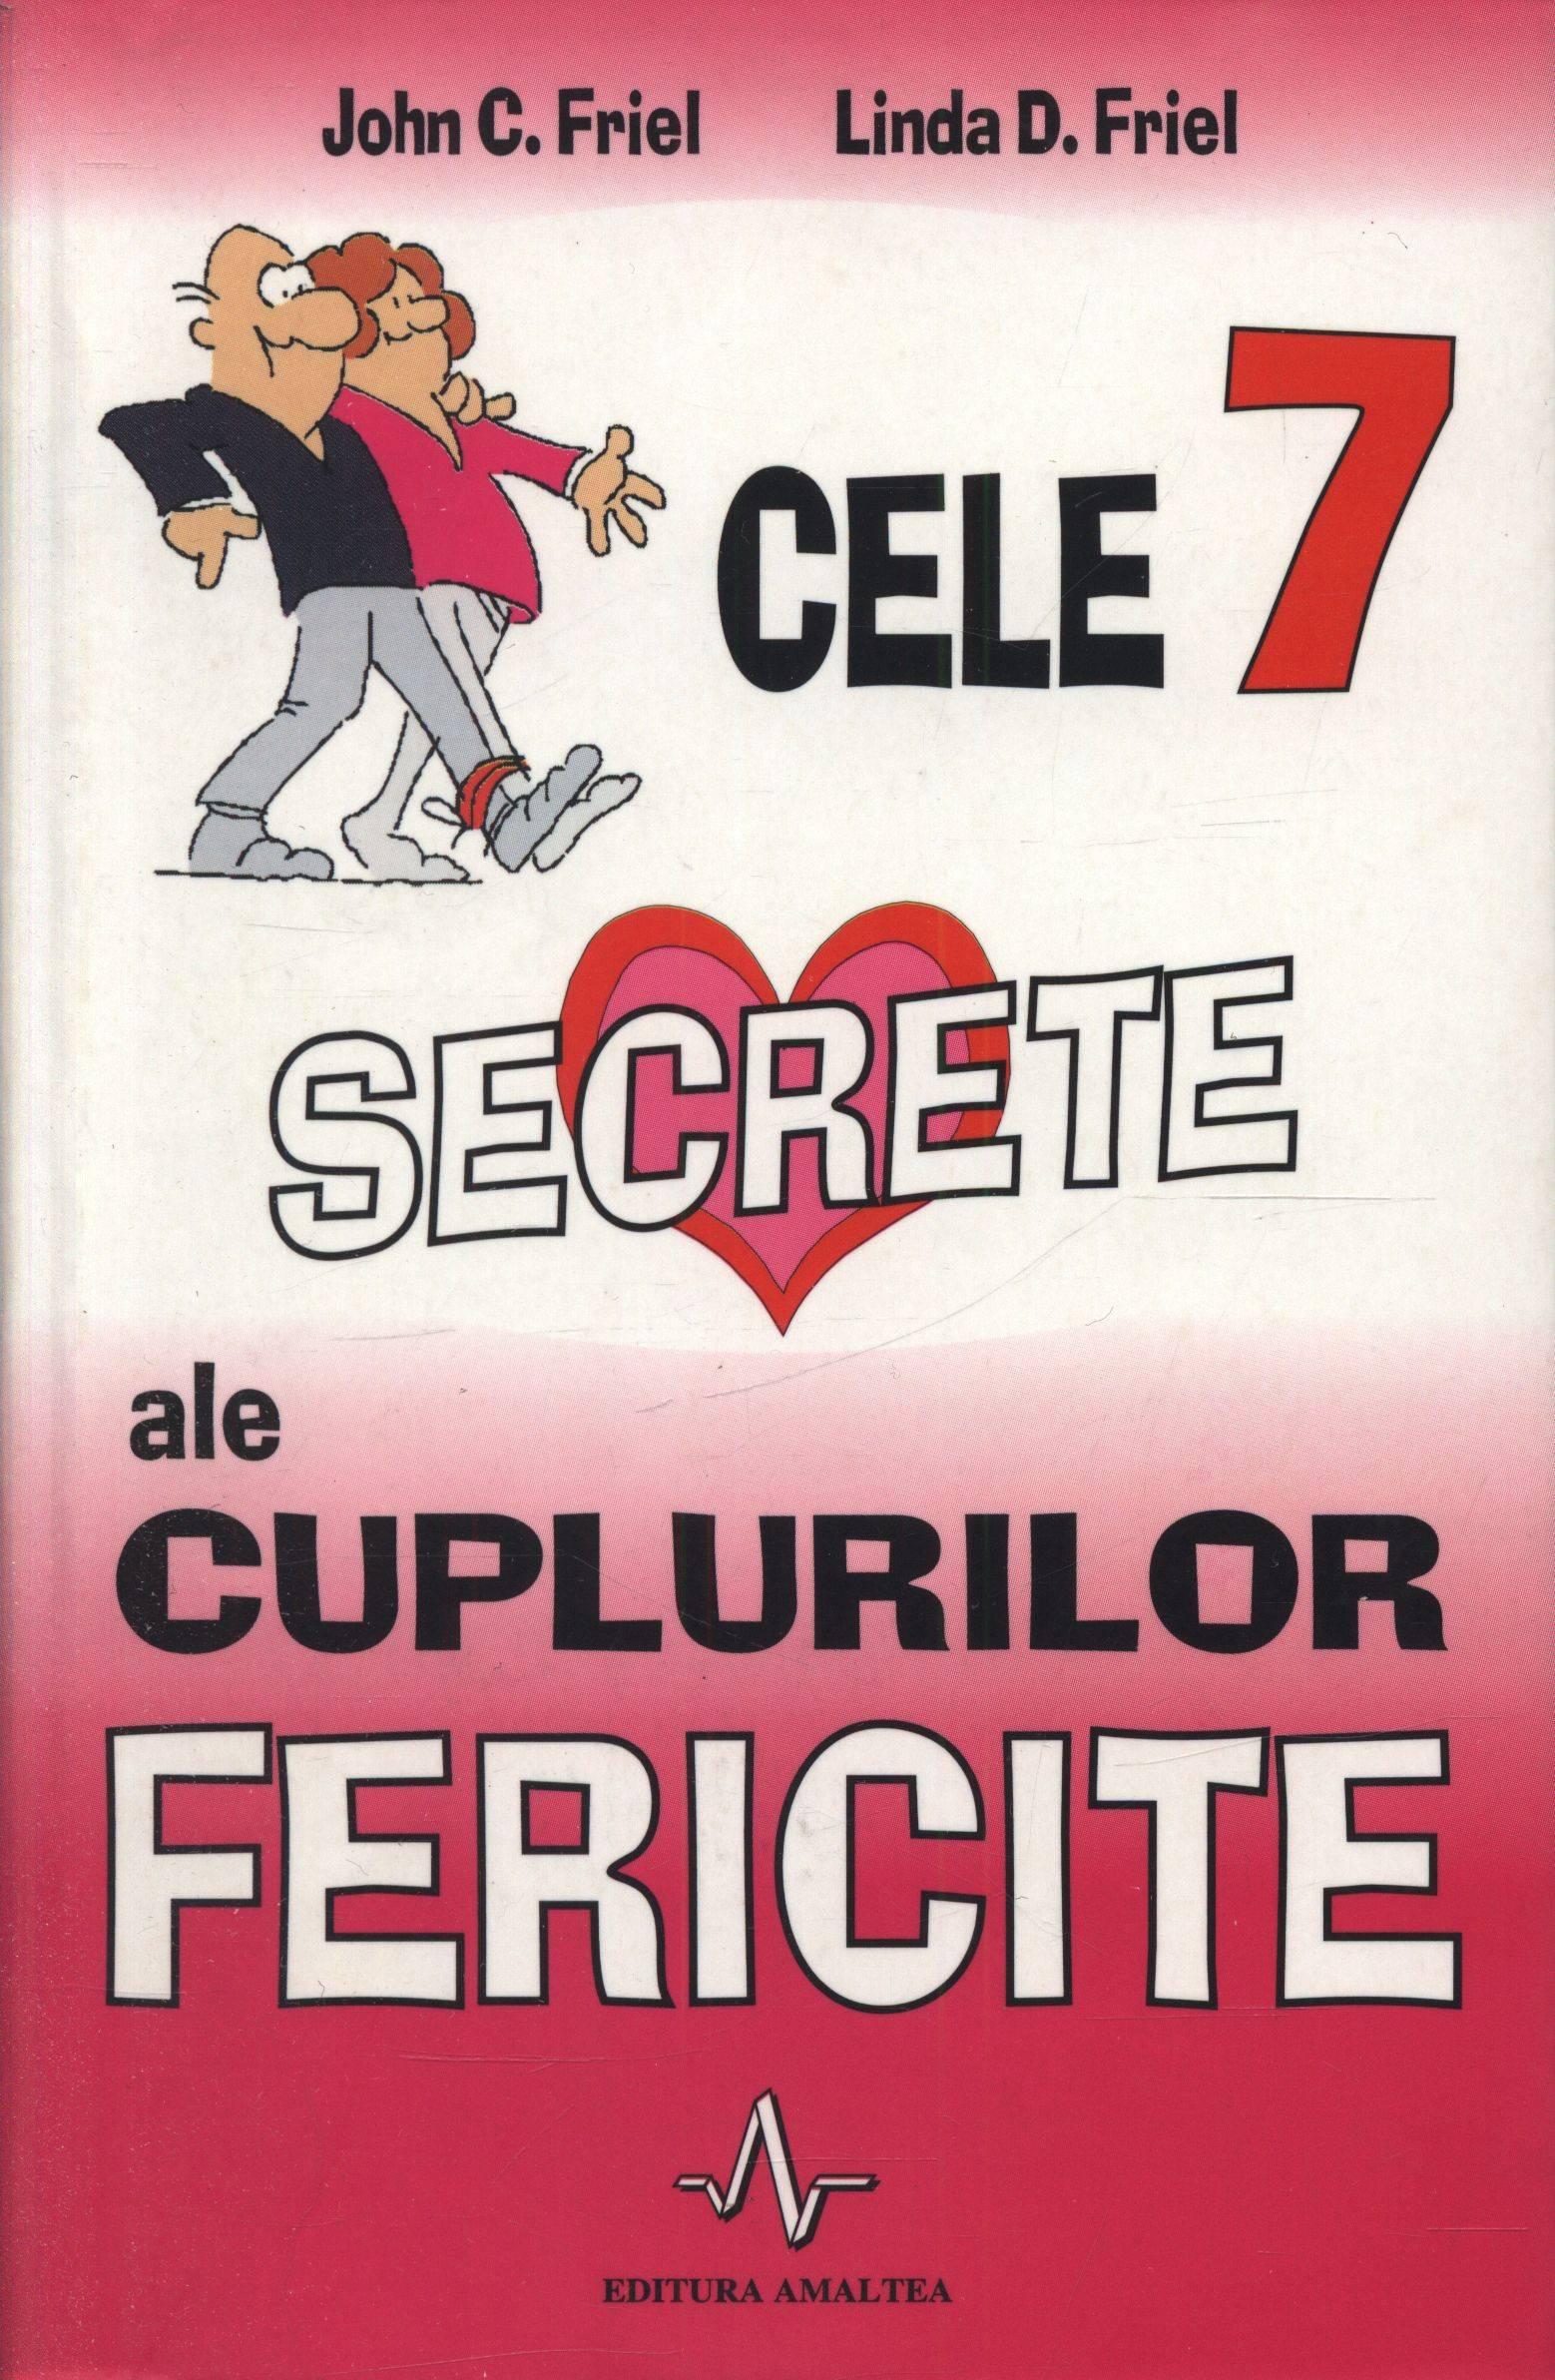 Cele 7 secrete ale cuplurilor fericite - John C. Friel, Linda D. Friel